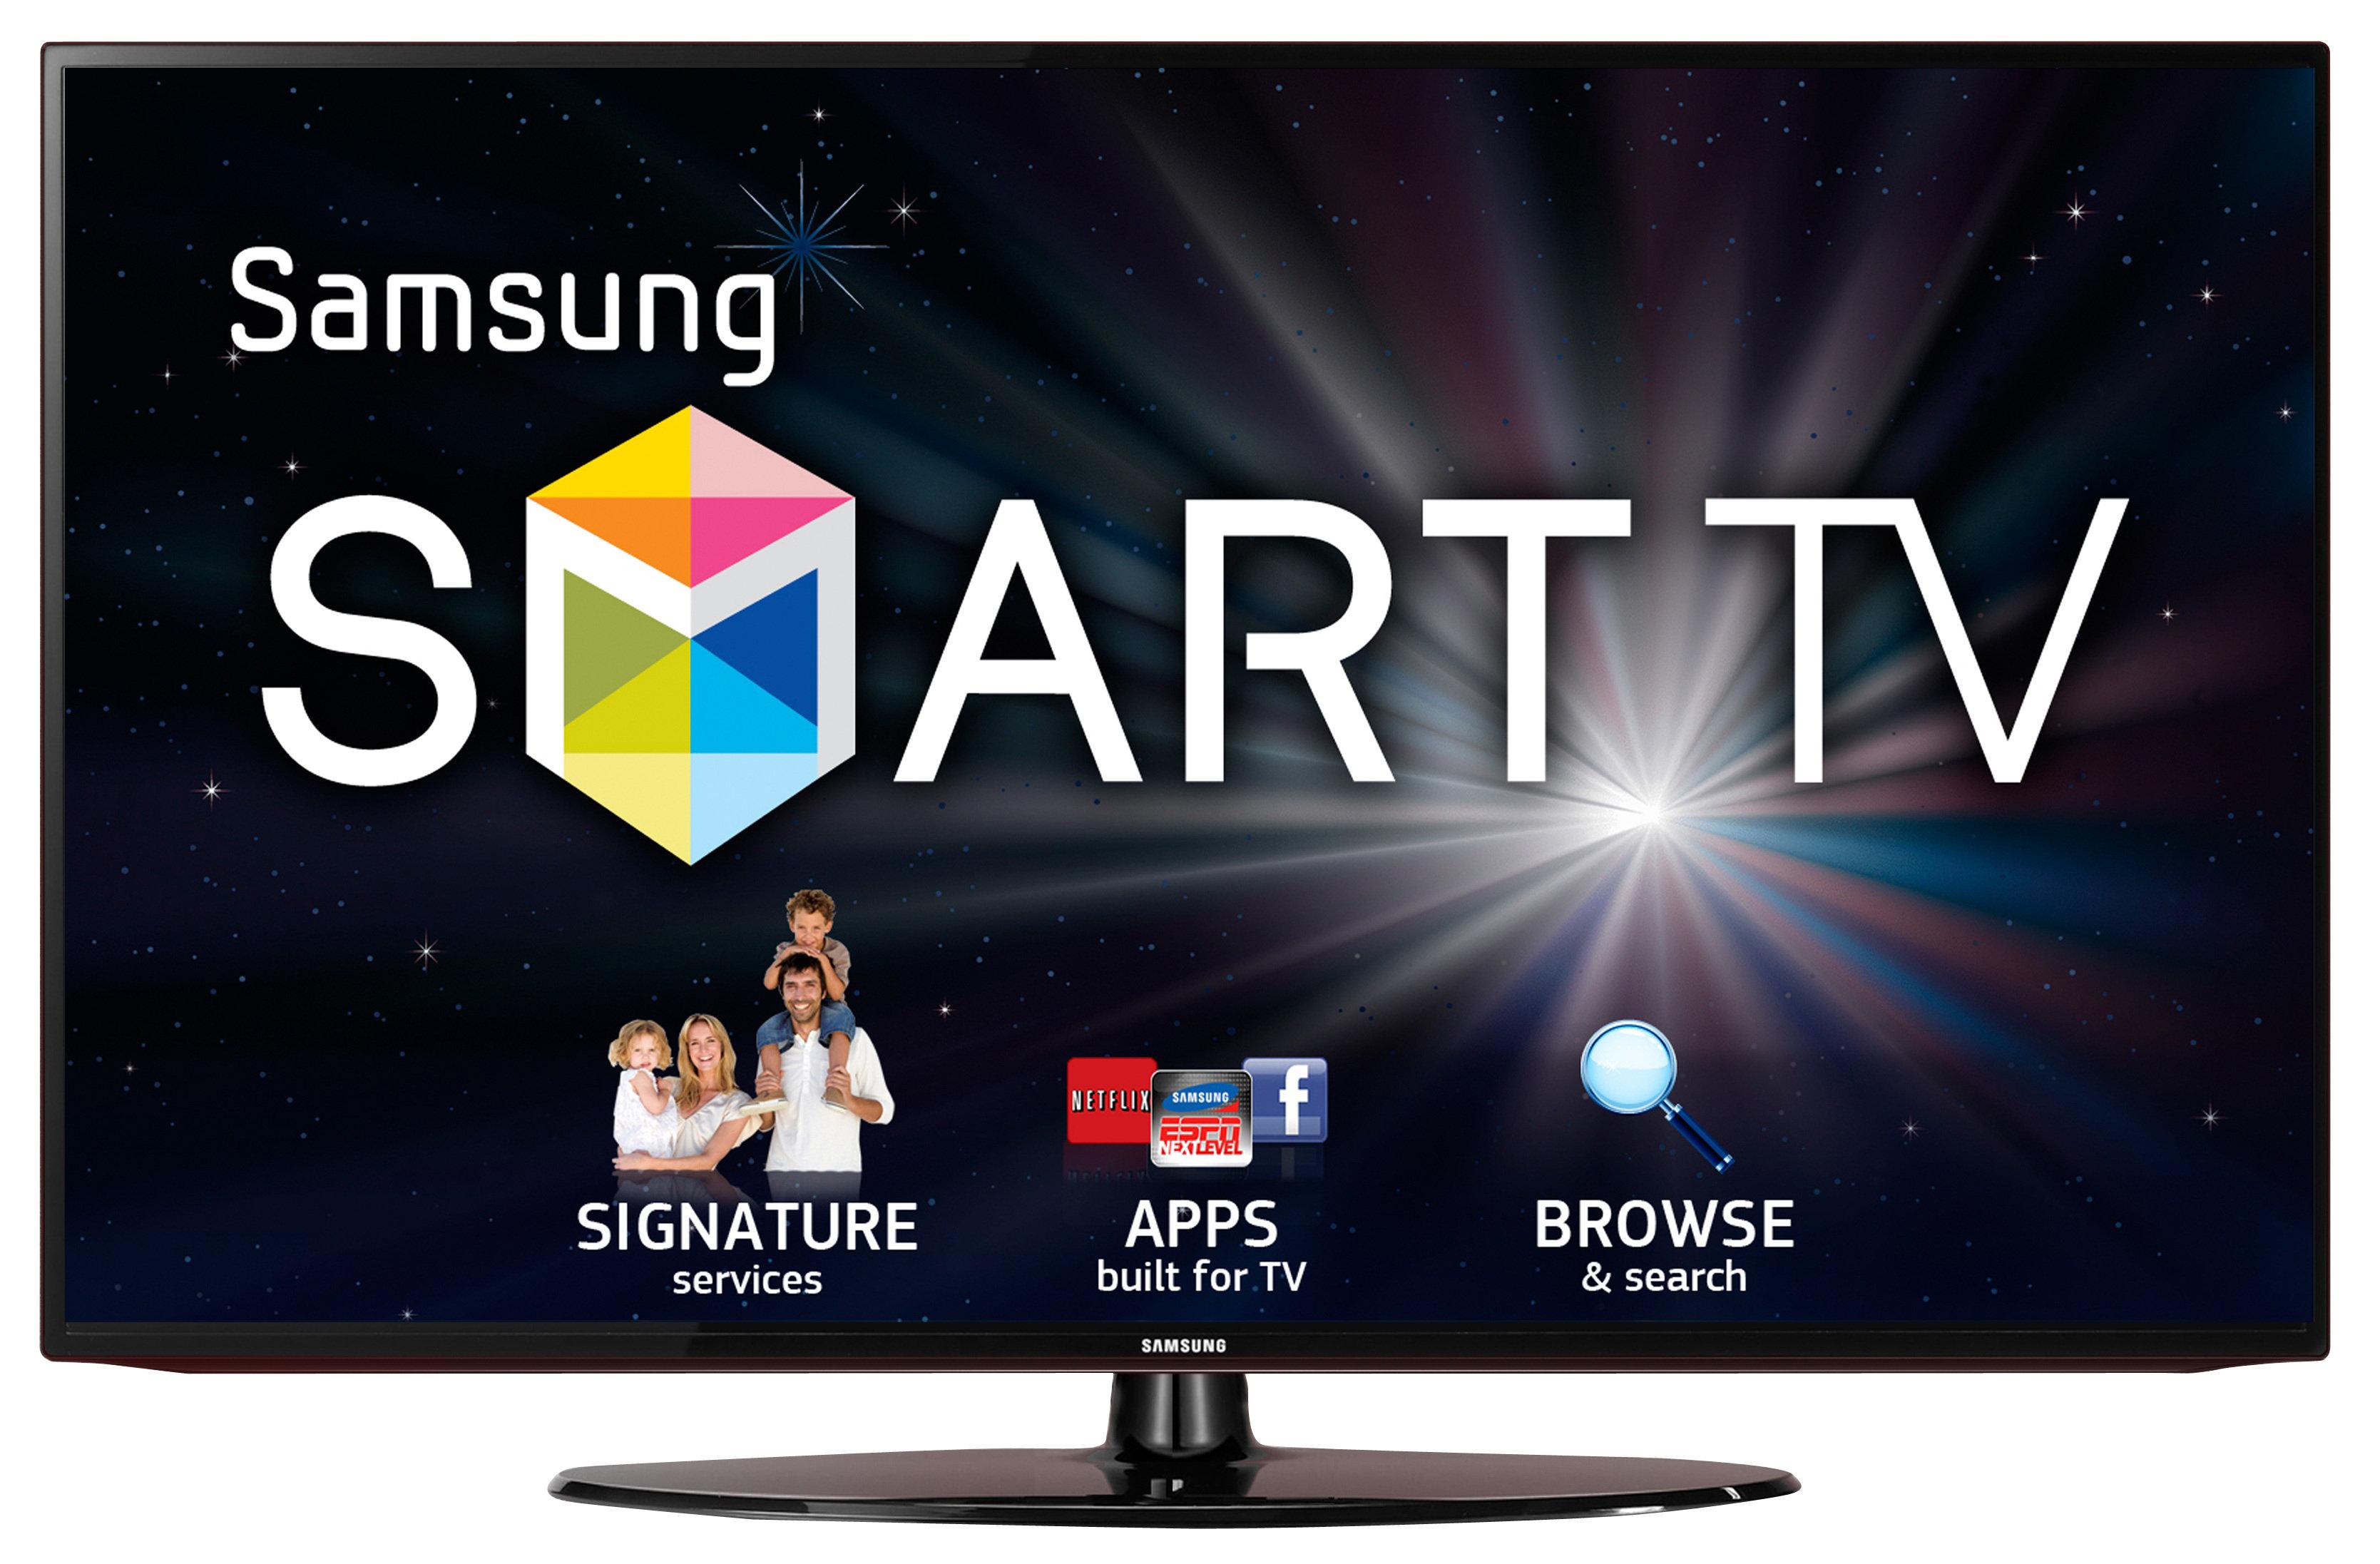 Samsung Smart Tv'ler İçin Sıralanmış Kanal